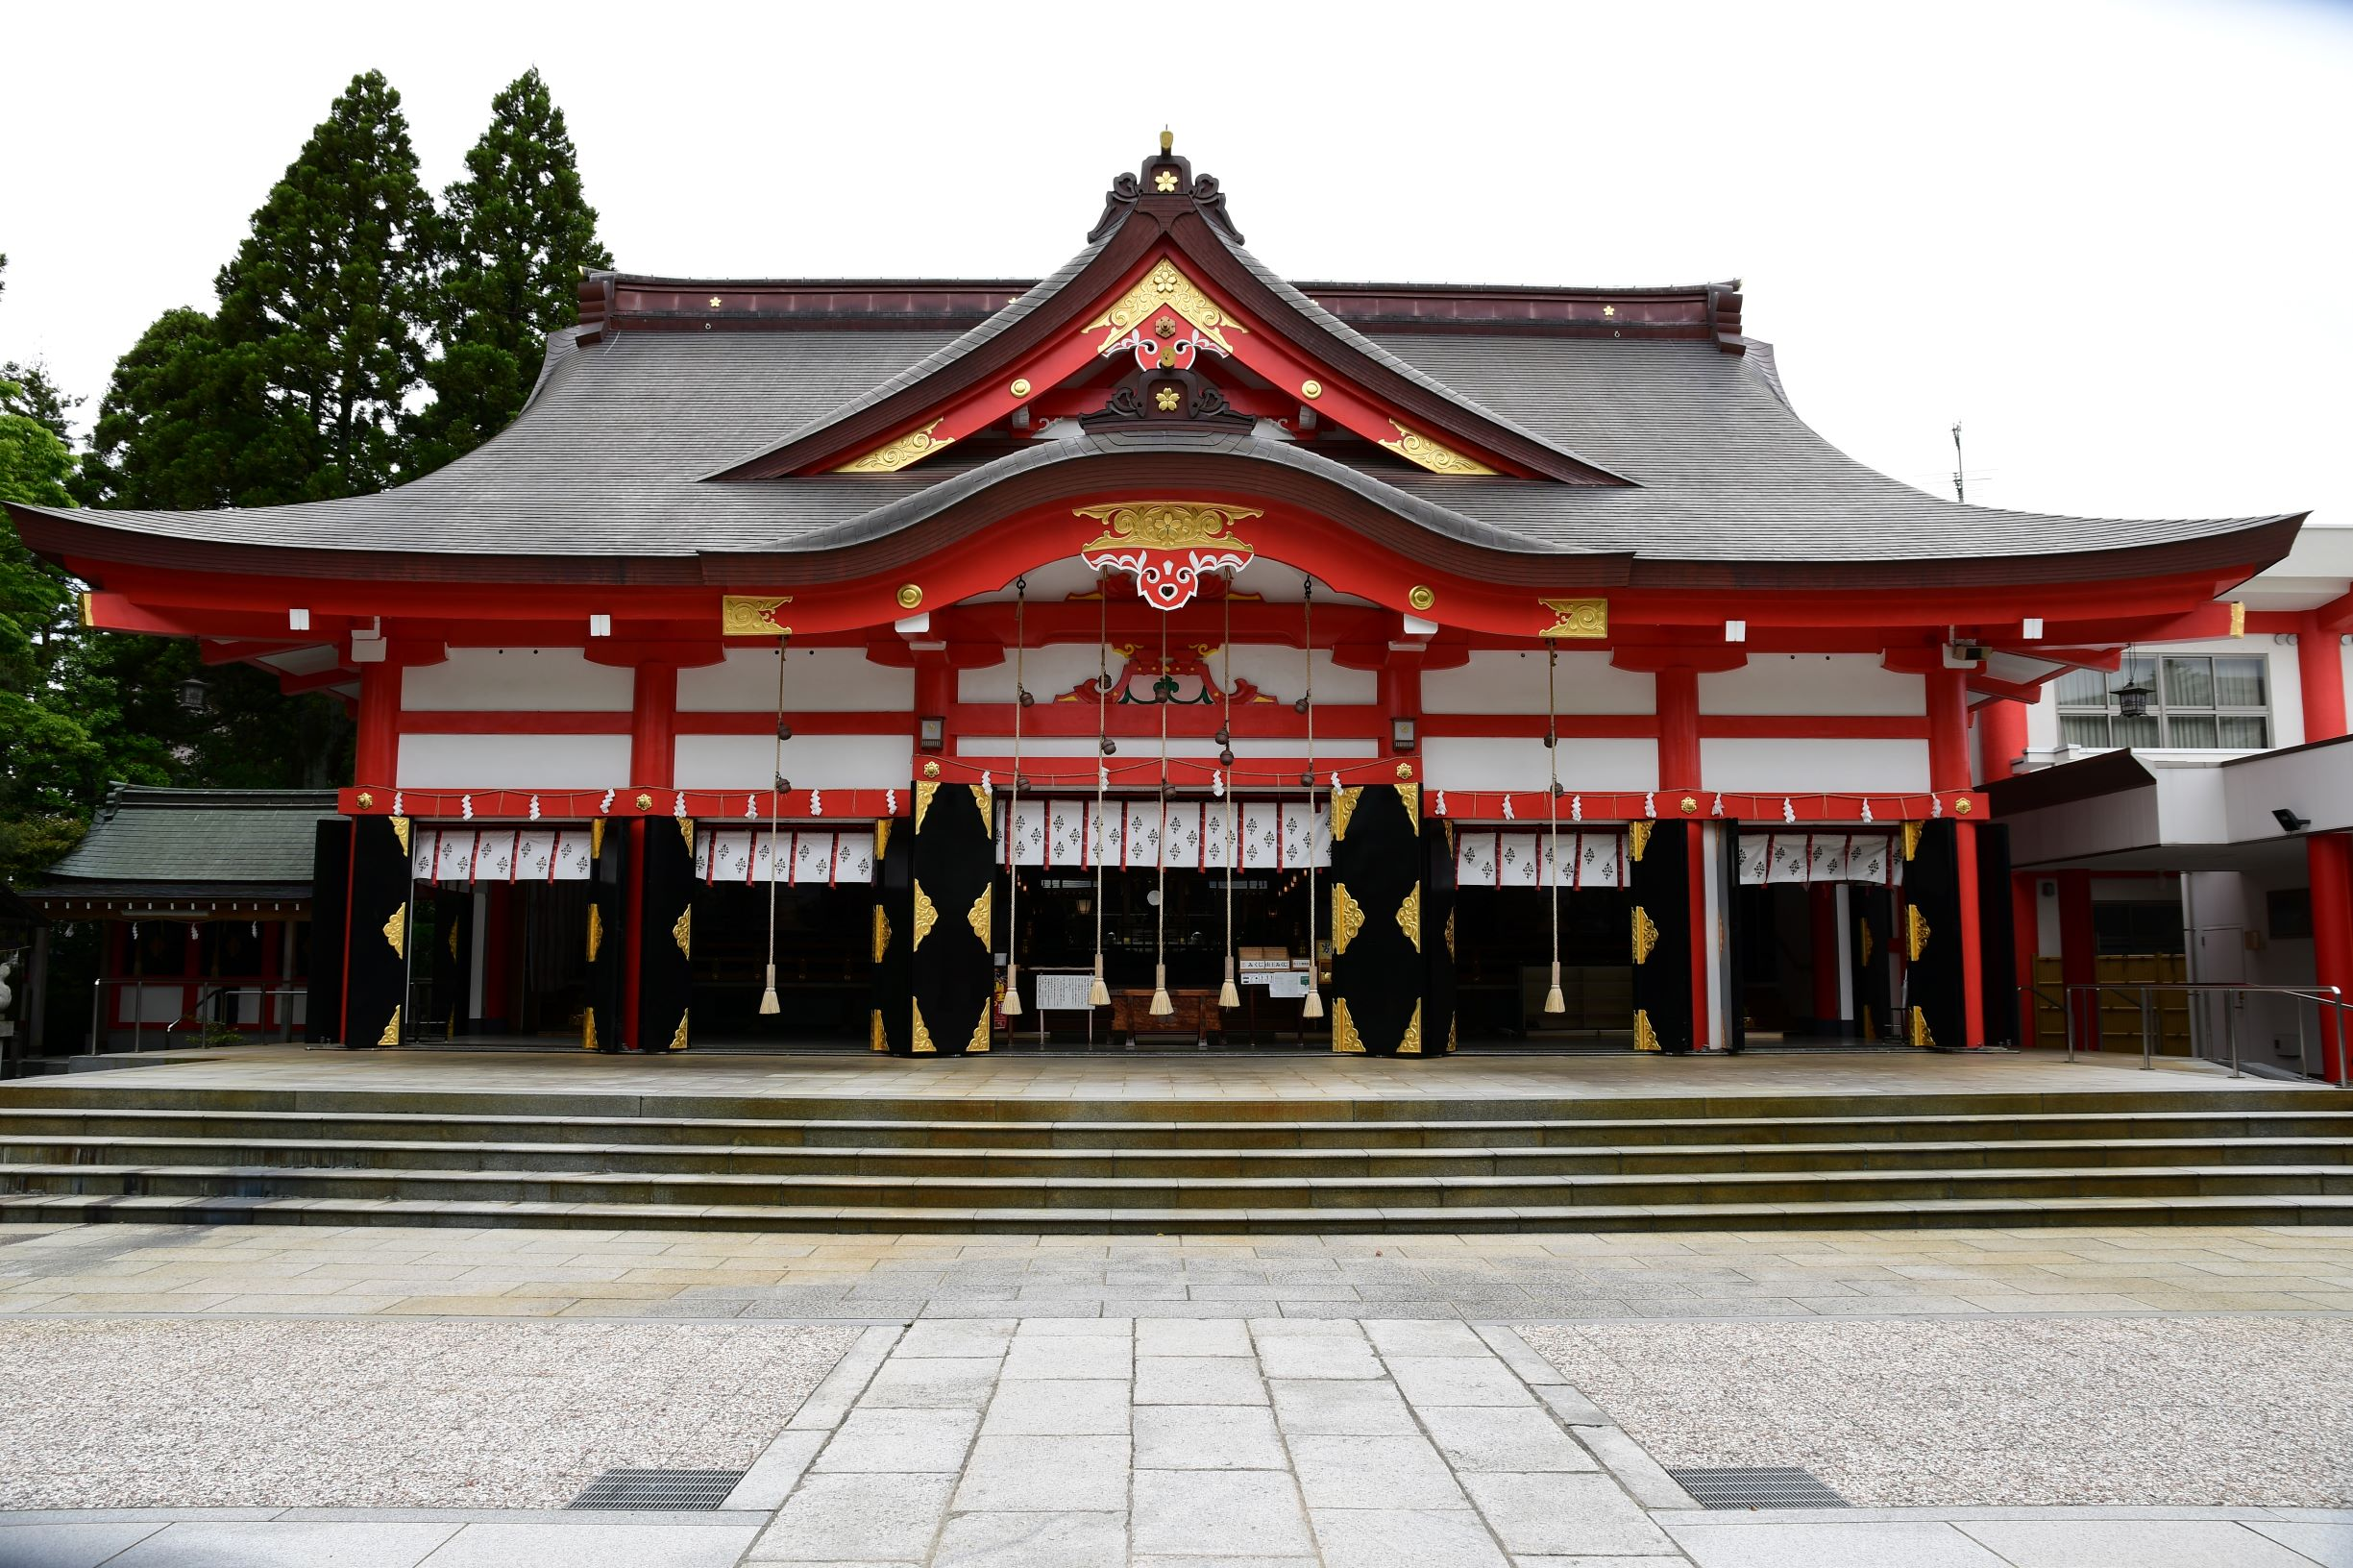 信州 松本市近郊の初詣にオススメな神社仏閣5選を紹介